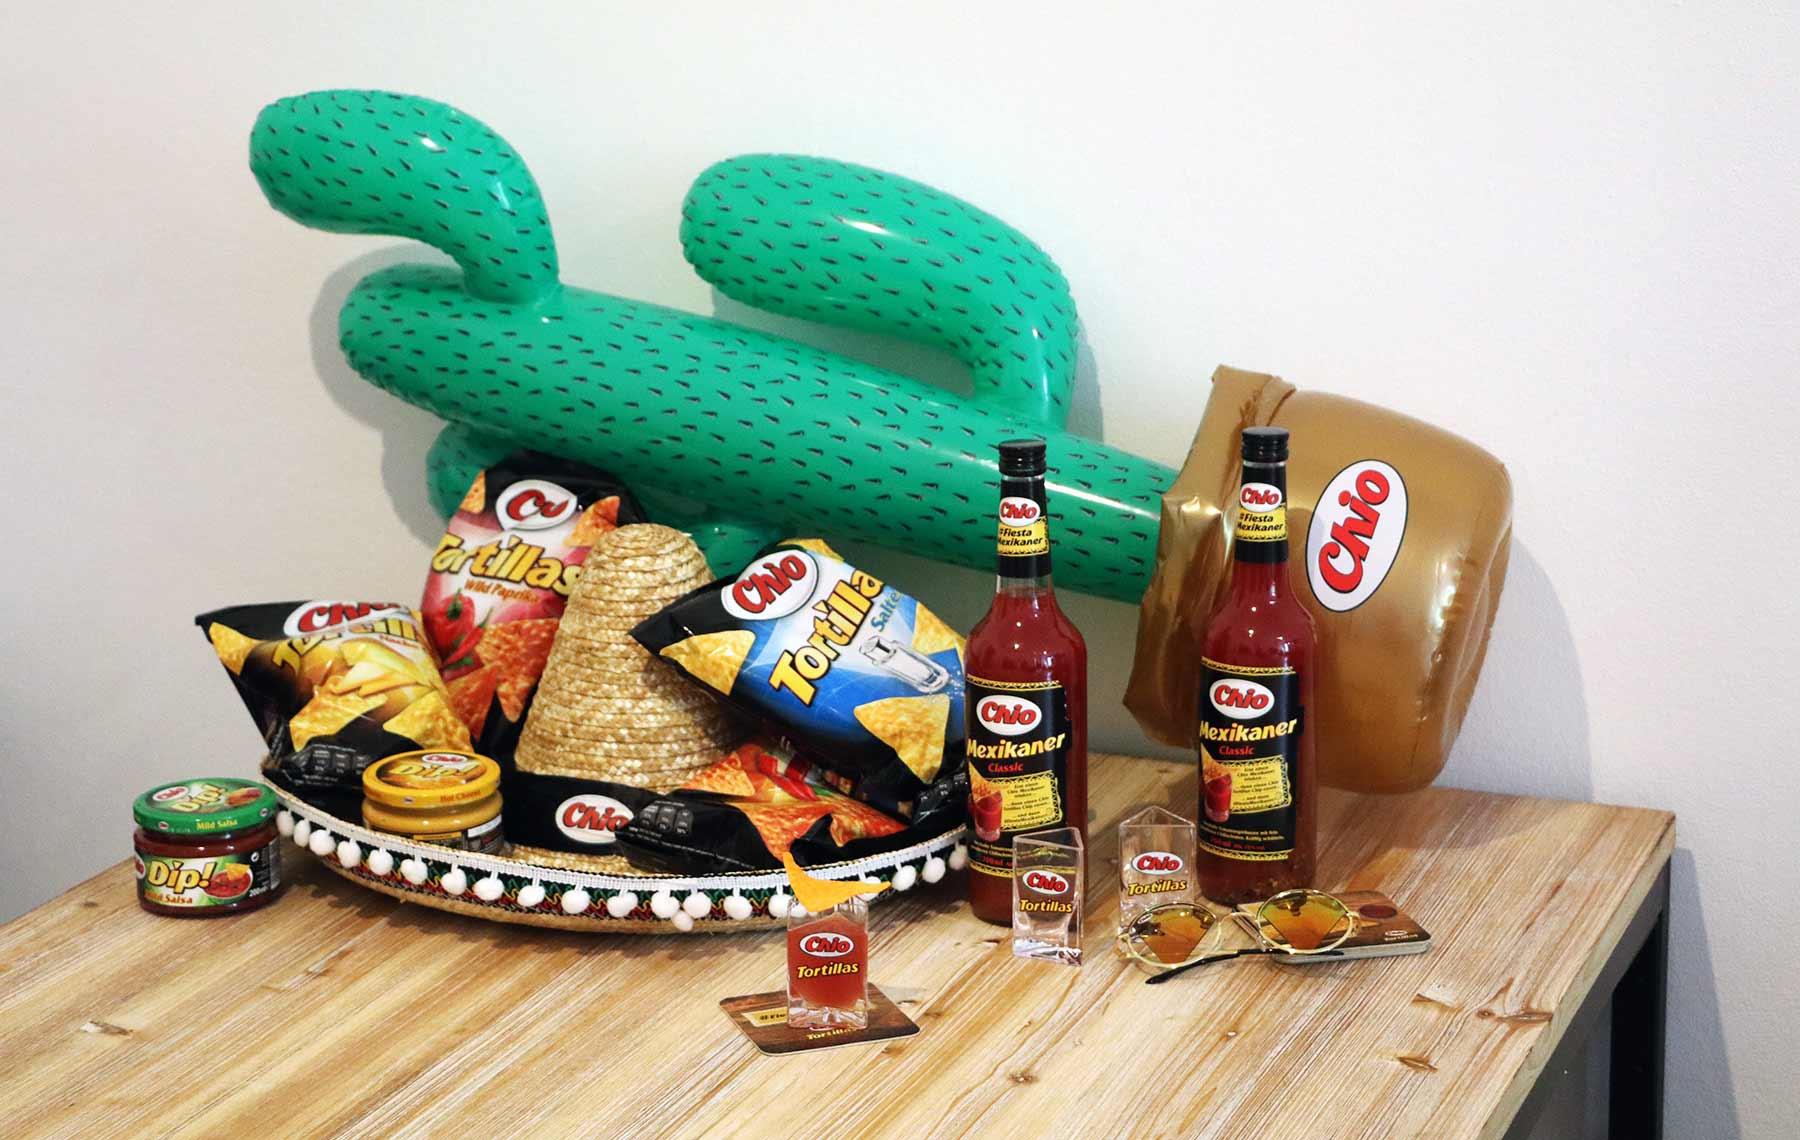 10 exklusive #FiestaMexikaner Party Packs von Chio zu gewinnen! Chio-Chips-FiestaMexikaner_06